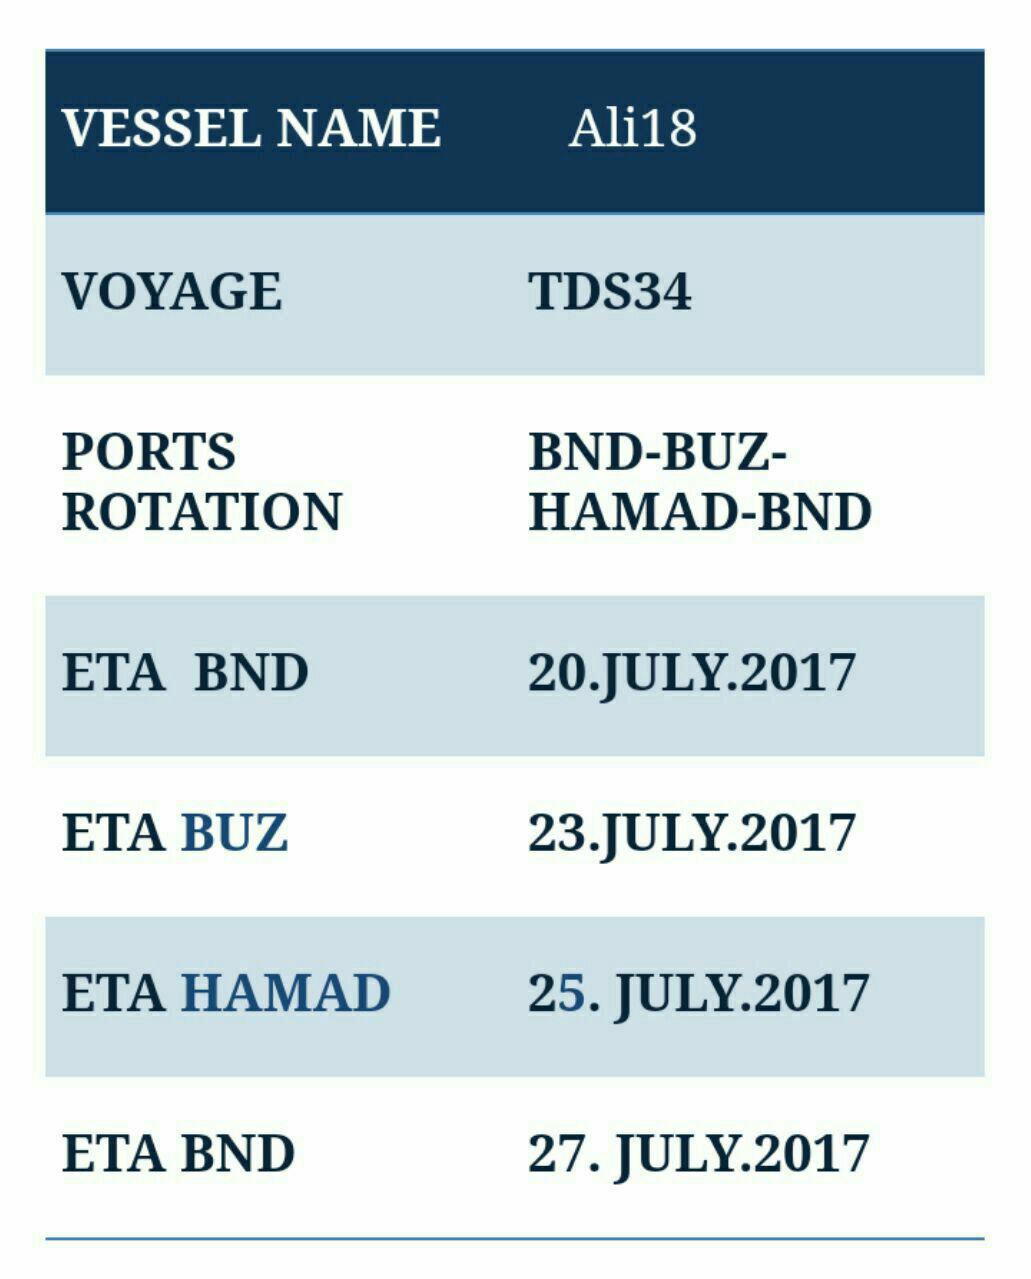 برنامه حرکت کشتی برنامه سفر کشتی برنامه سفر کشتی ALI 18 69